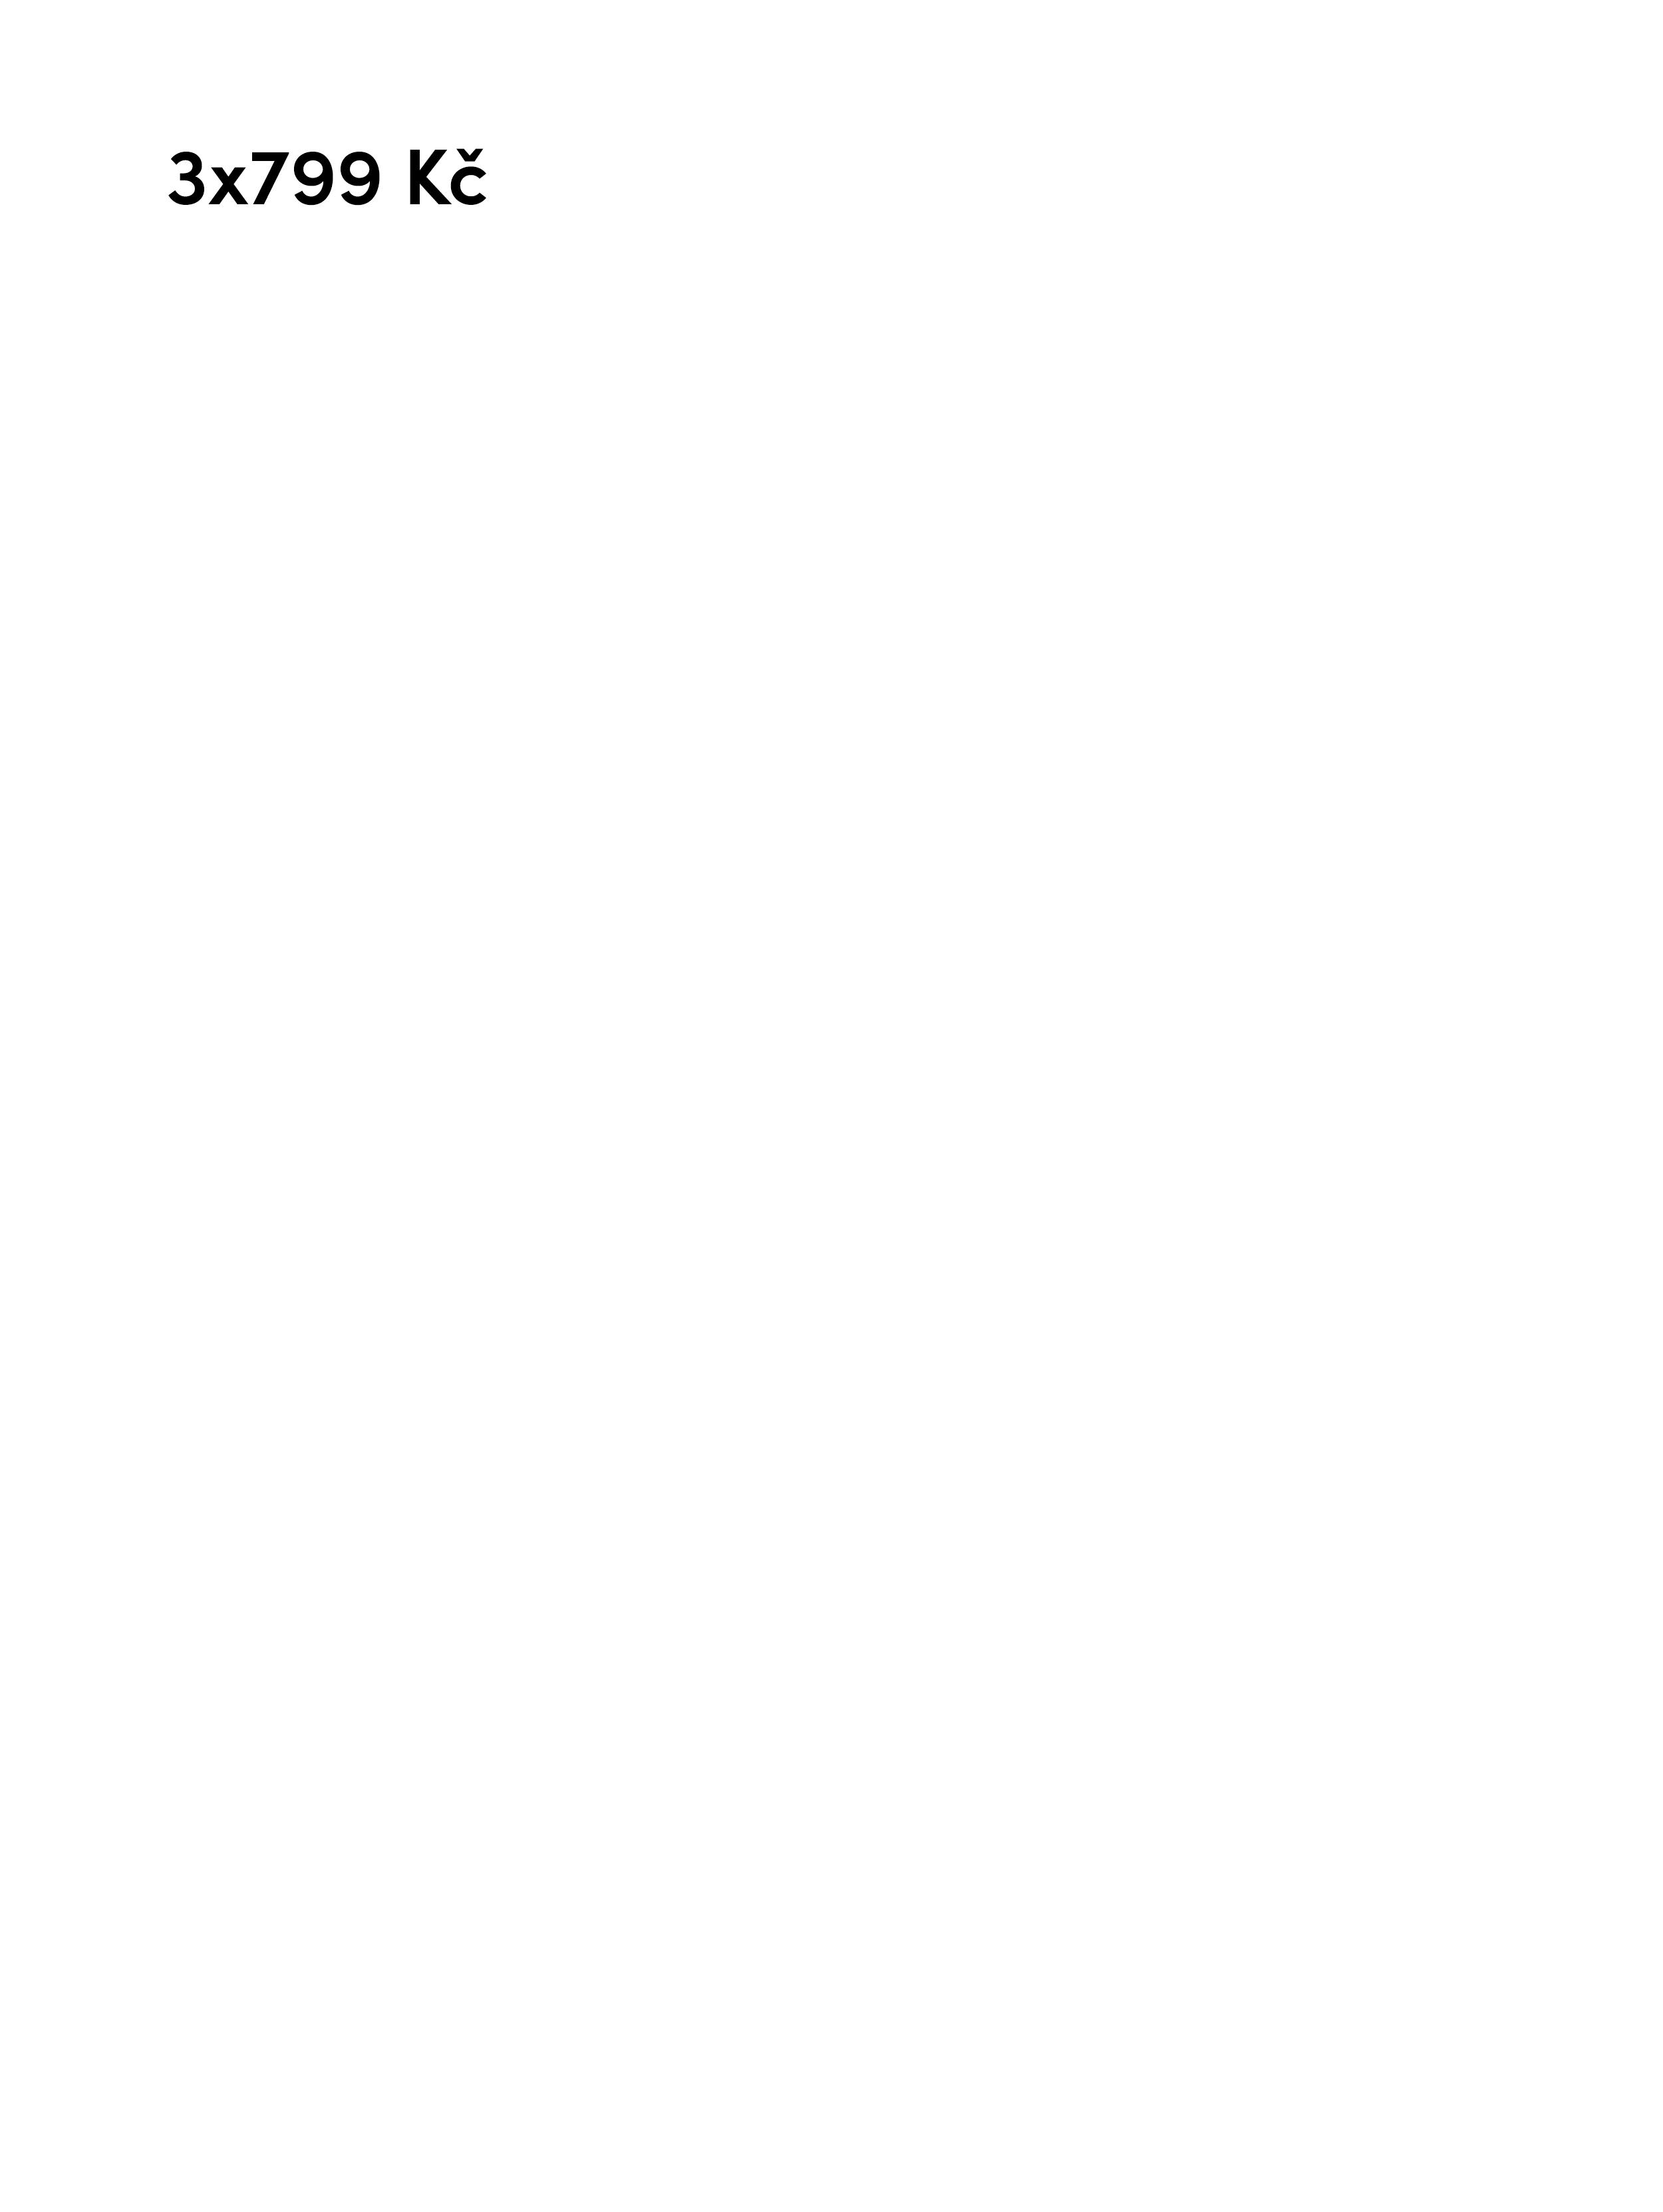 CZ_3x799